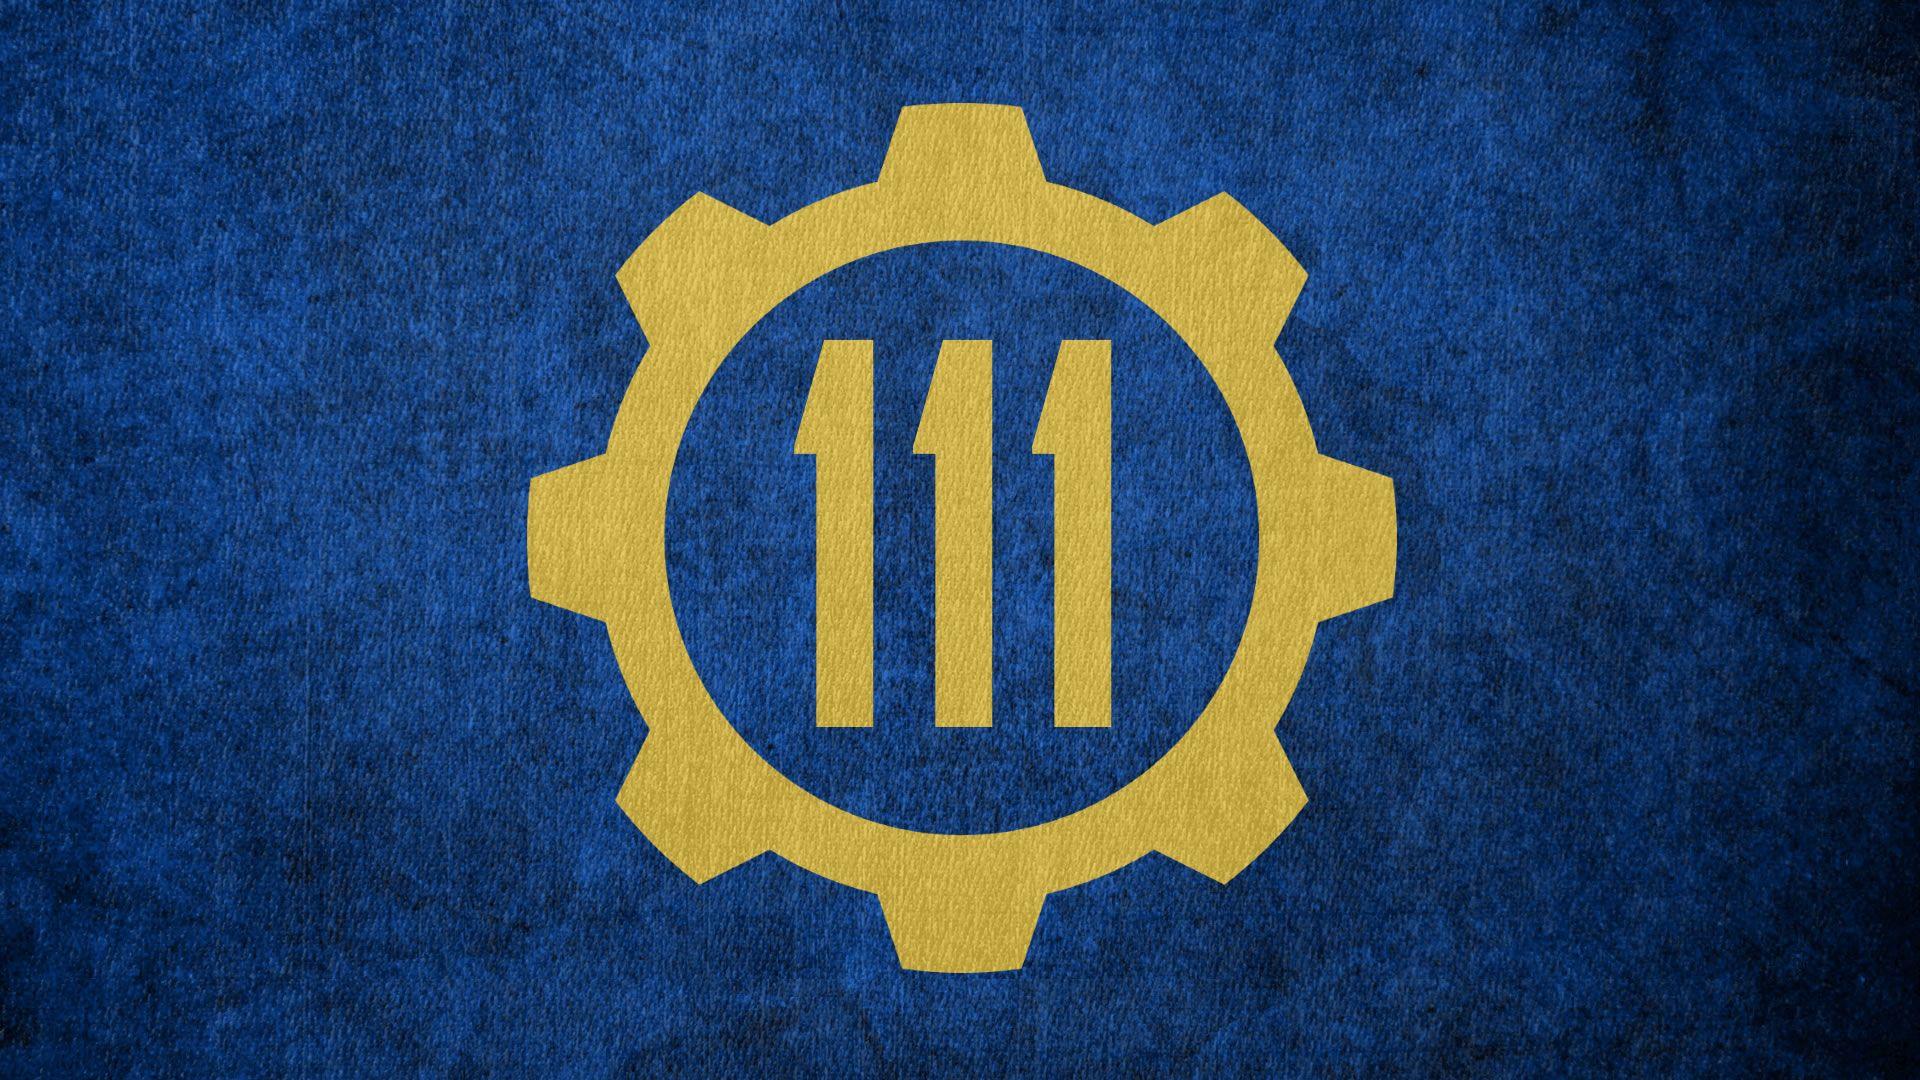 Simple Wallpaper Logo Fallout 4 - 98f5b2581abc90cda33d07cf1e03ae37  Graphic_39486.jpg